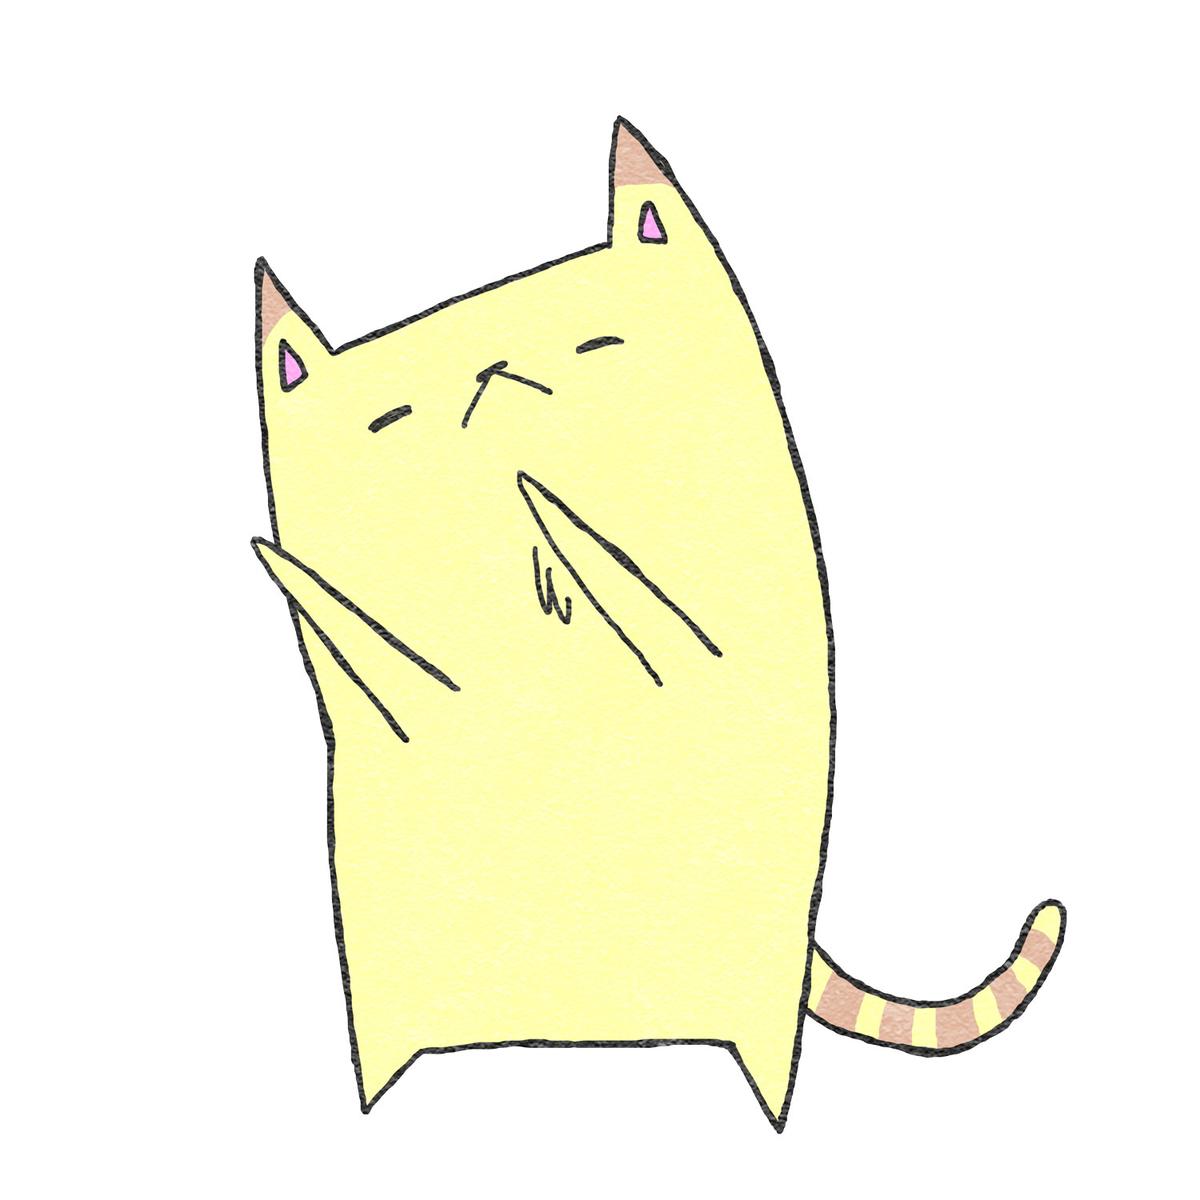 かわいいネコのフリーイラスト素材